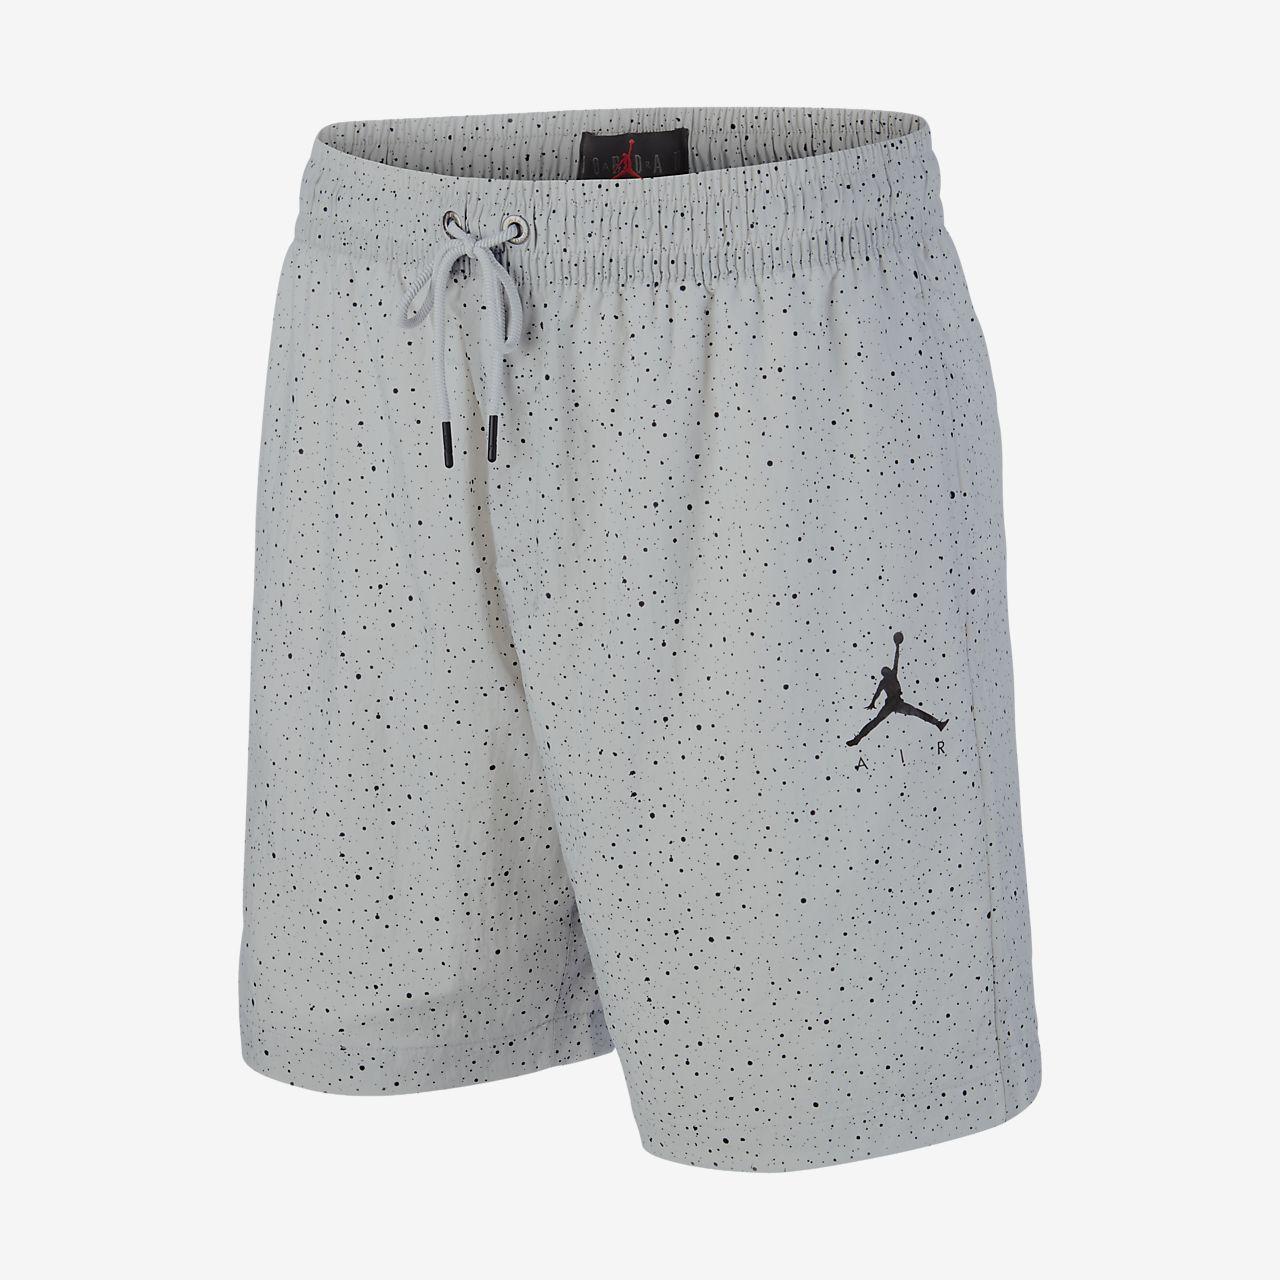 b986a54e36d3 Jordan Jumpman Cement Poolside Men s 18cm approx. Shorts. Nike.com NO